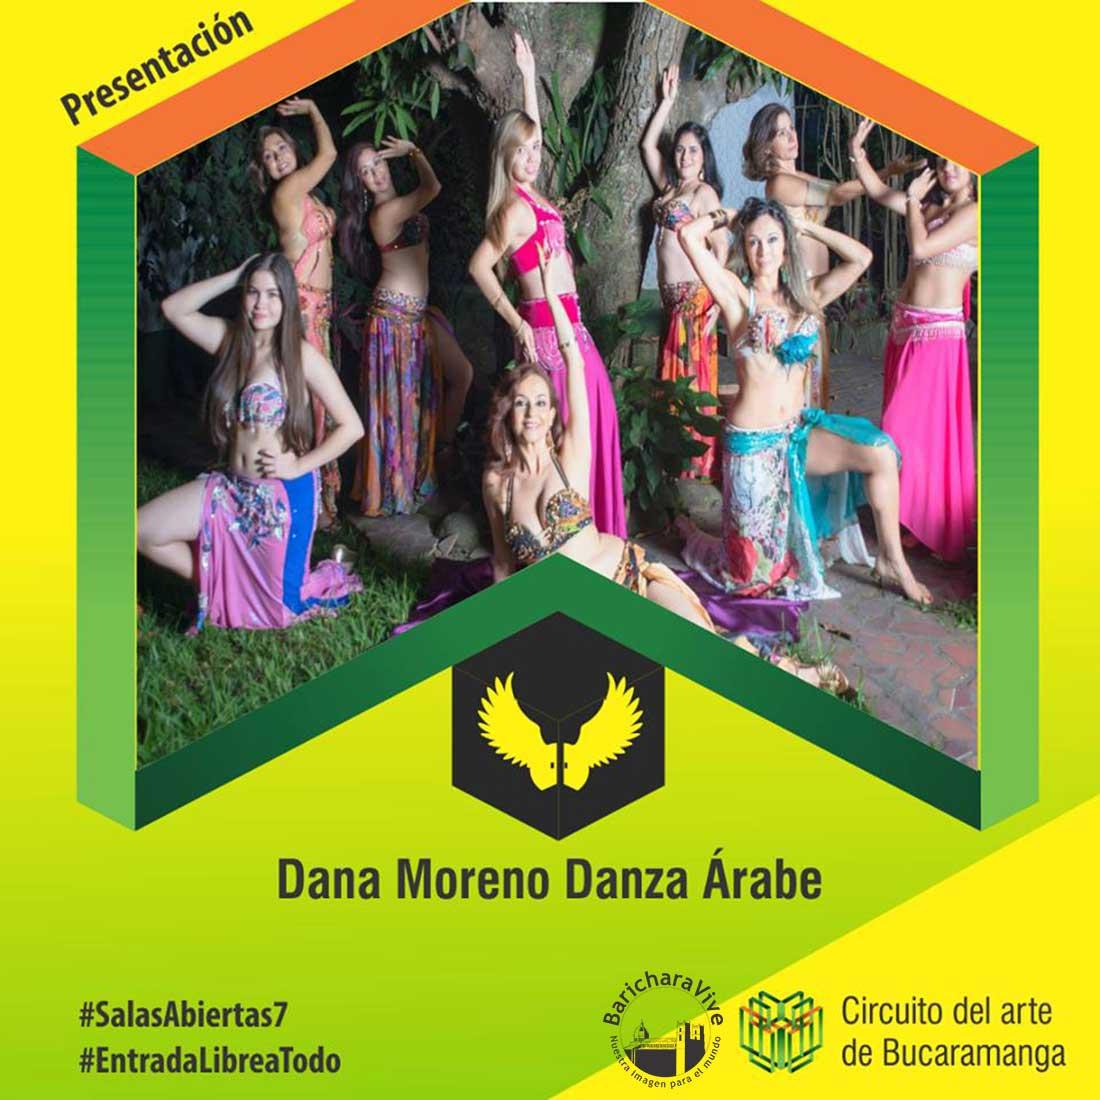 dana-moreno-danza-arabe-7a-edicion-el-centro-con-las-salas-abiertas-bucaramanga-2017